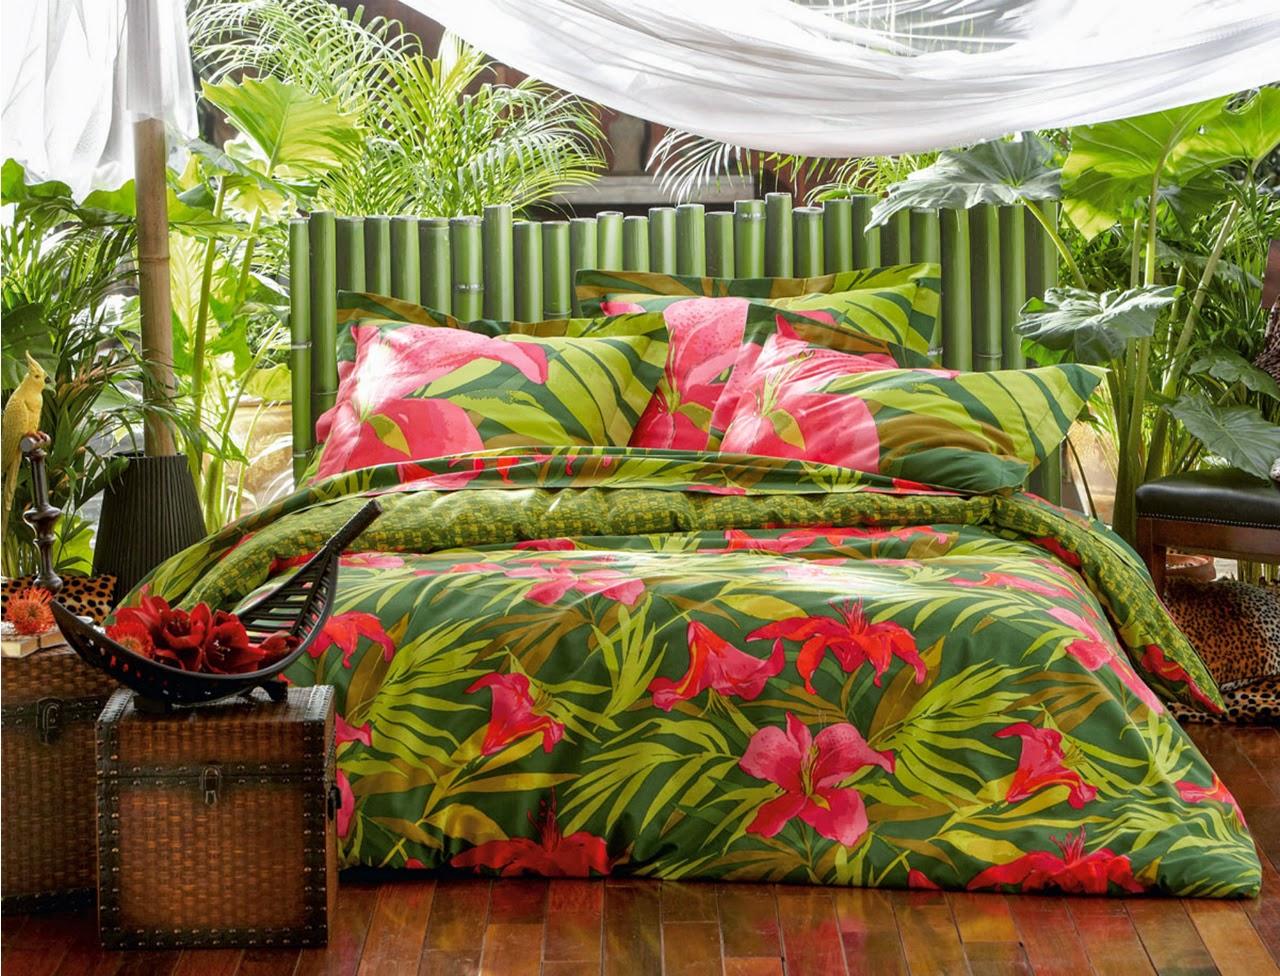 La tendance tropicale donner à votre intérieur une ambiance particulière